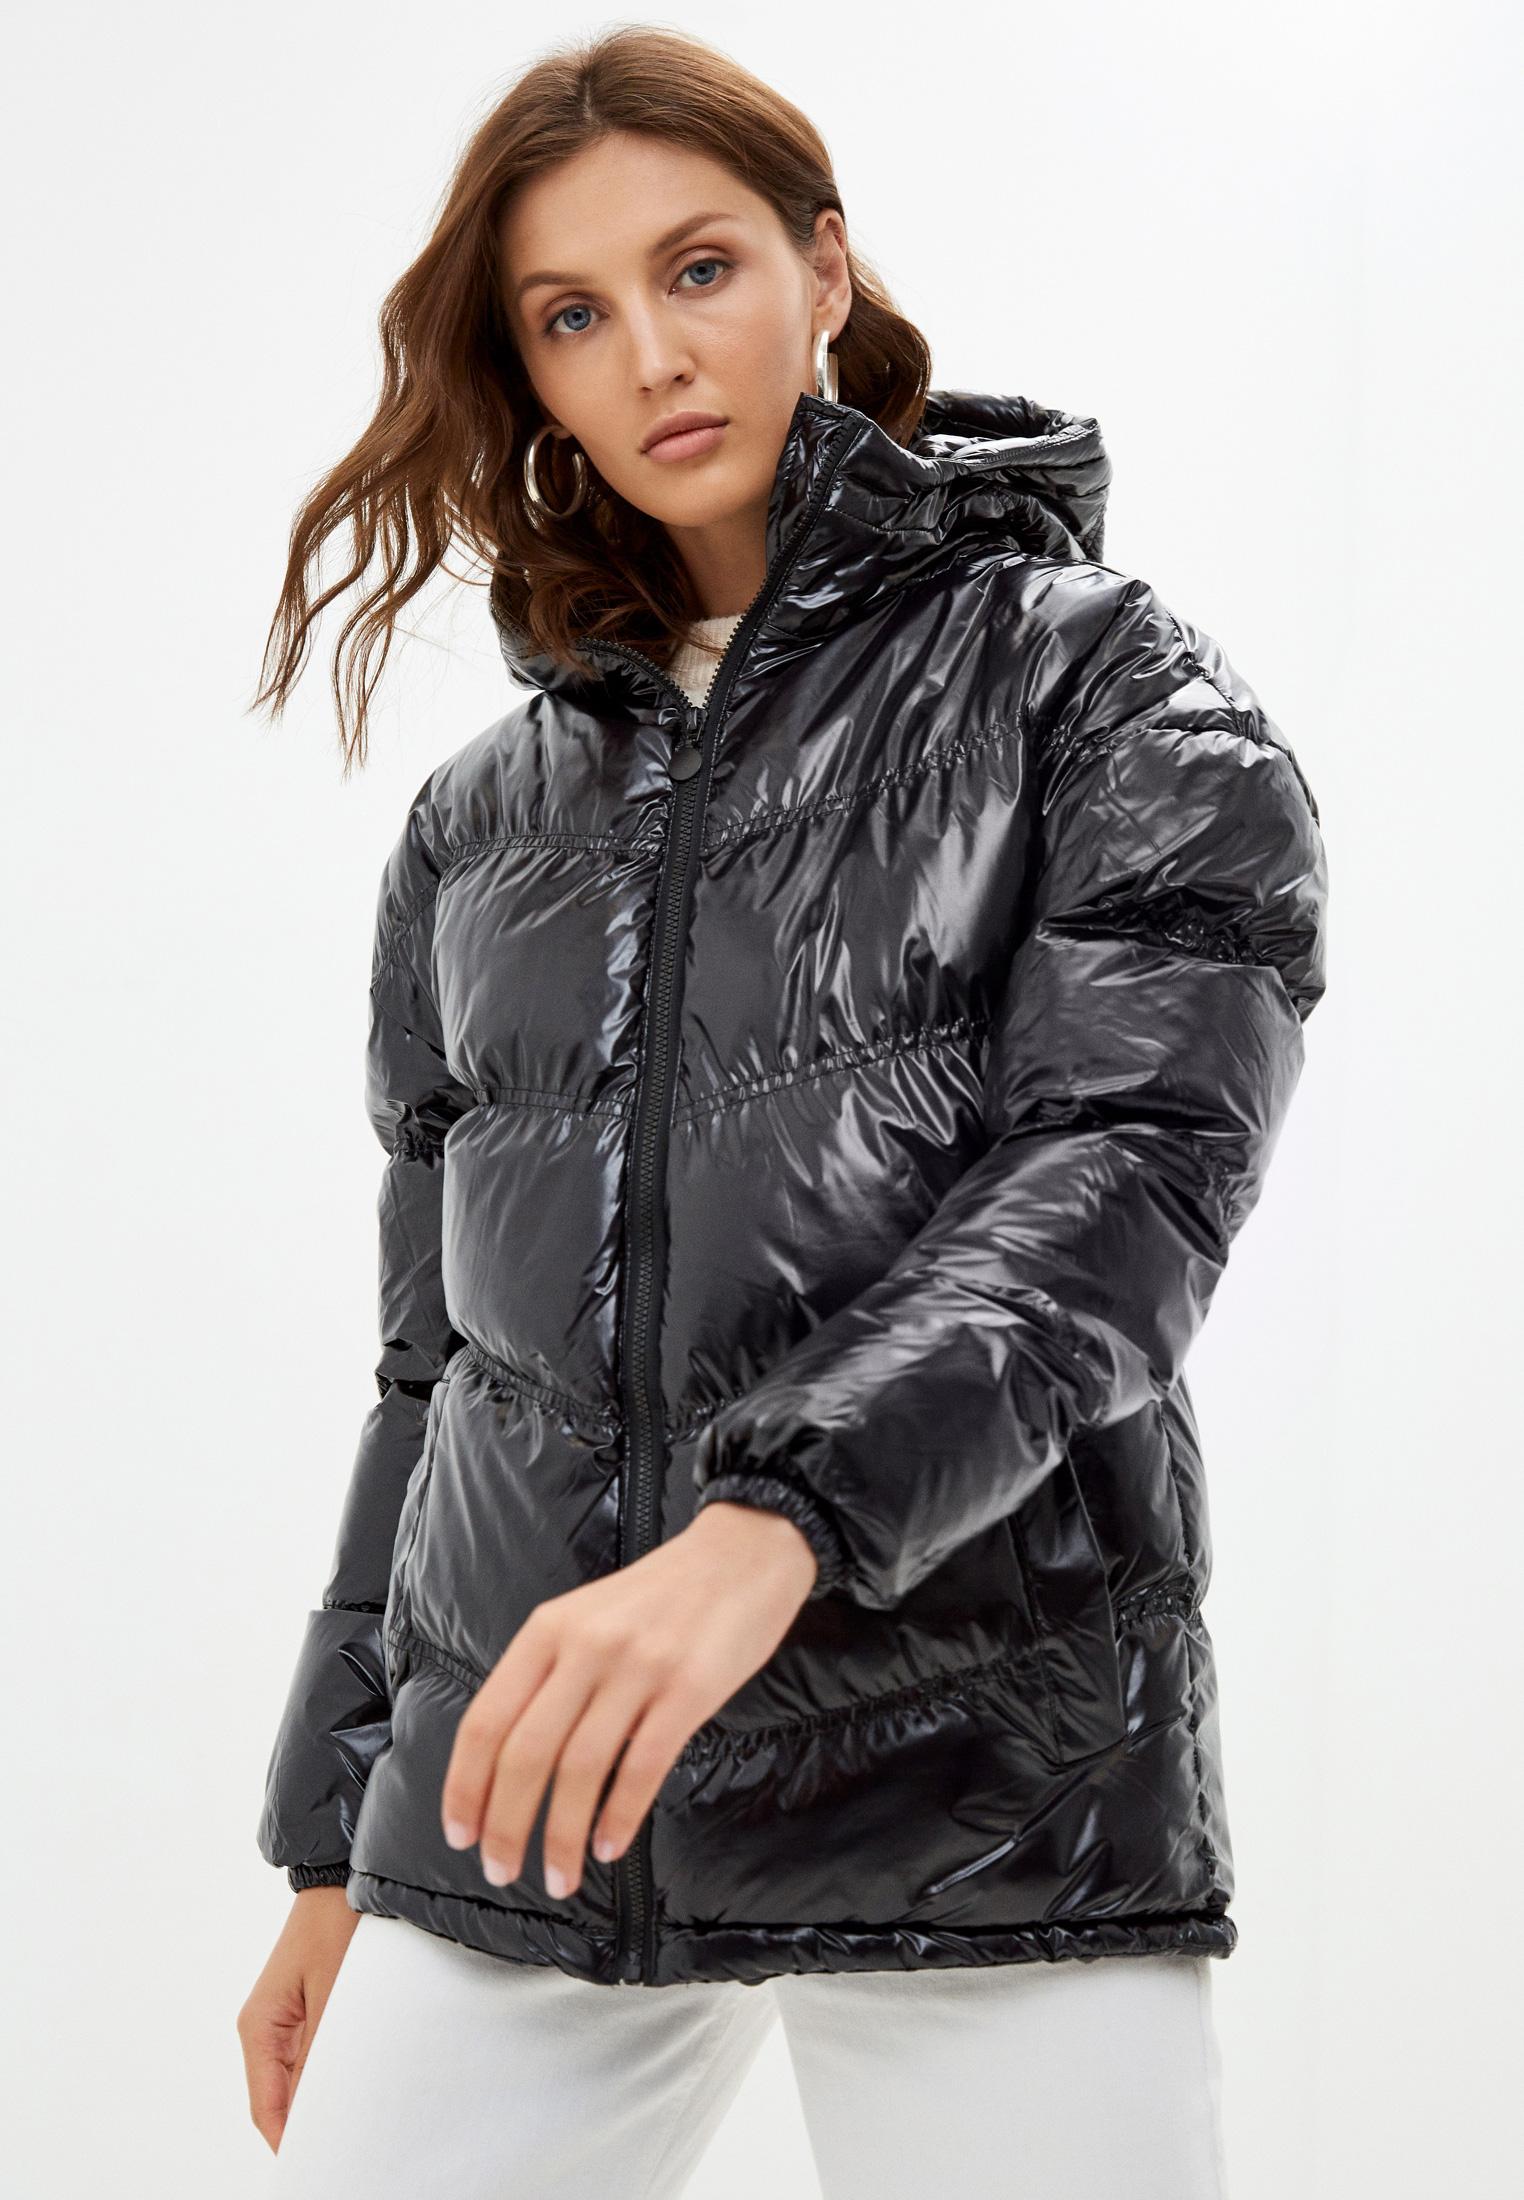 Утепленная куртка Brave Soul Куртка утепленная Brave Soul